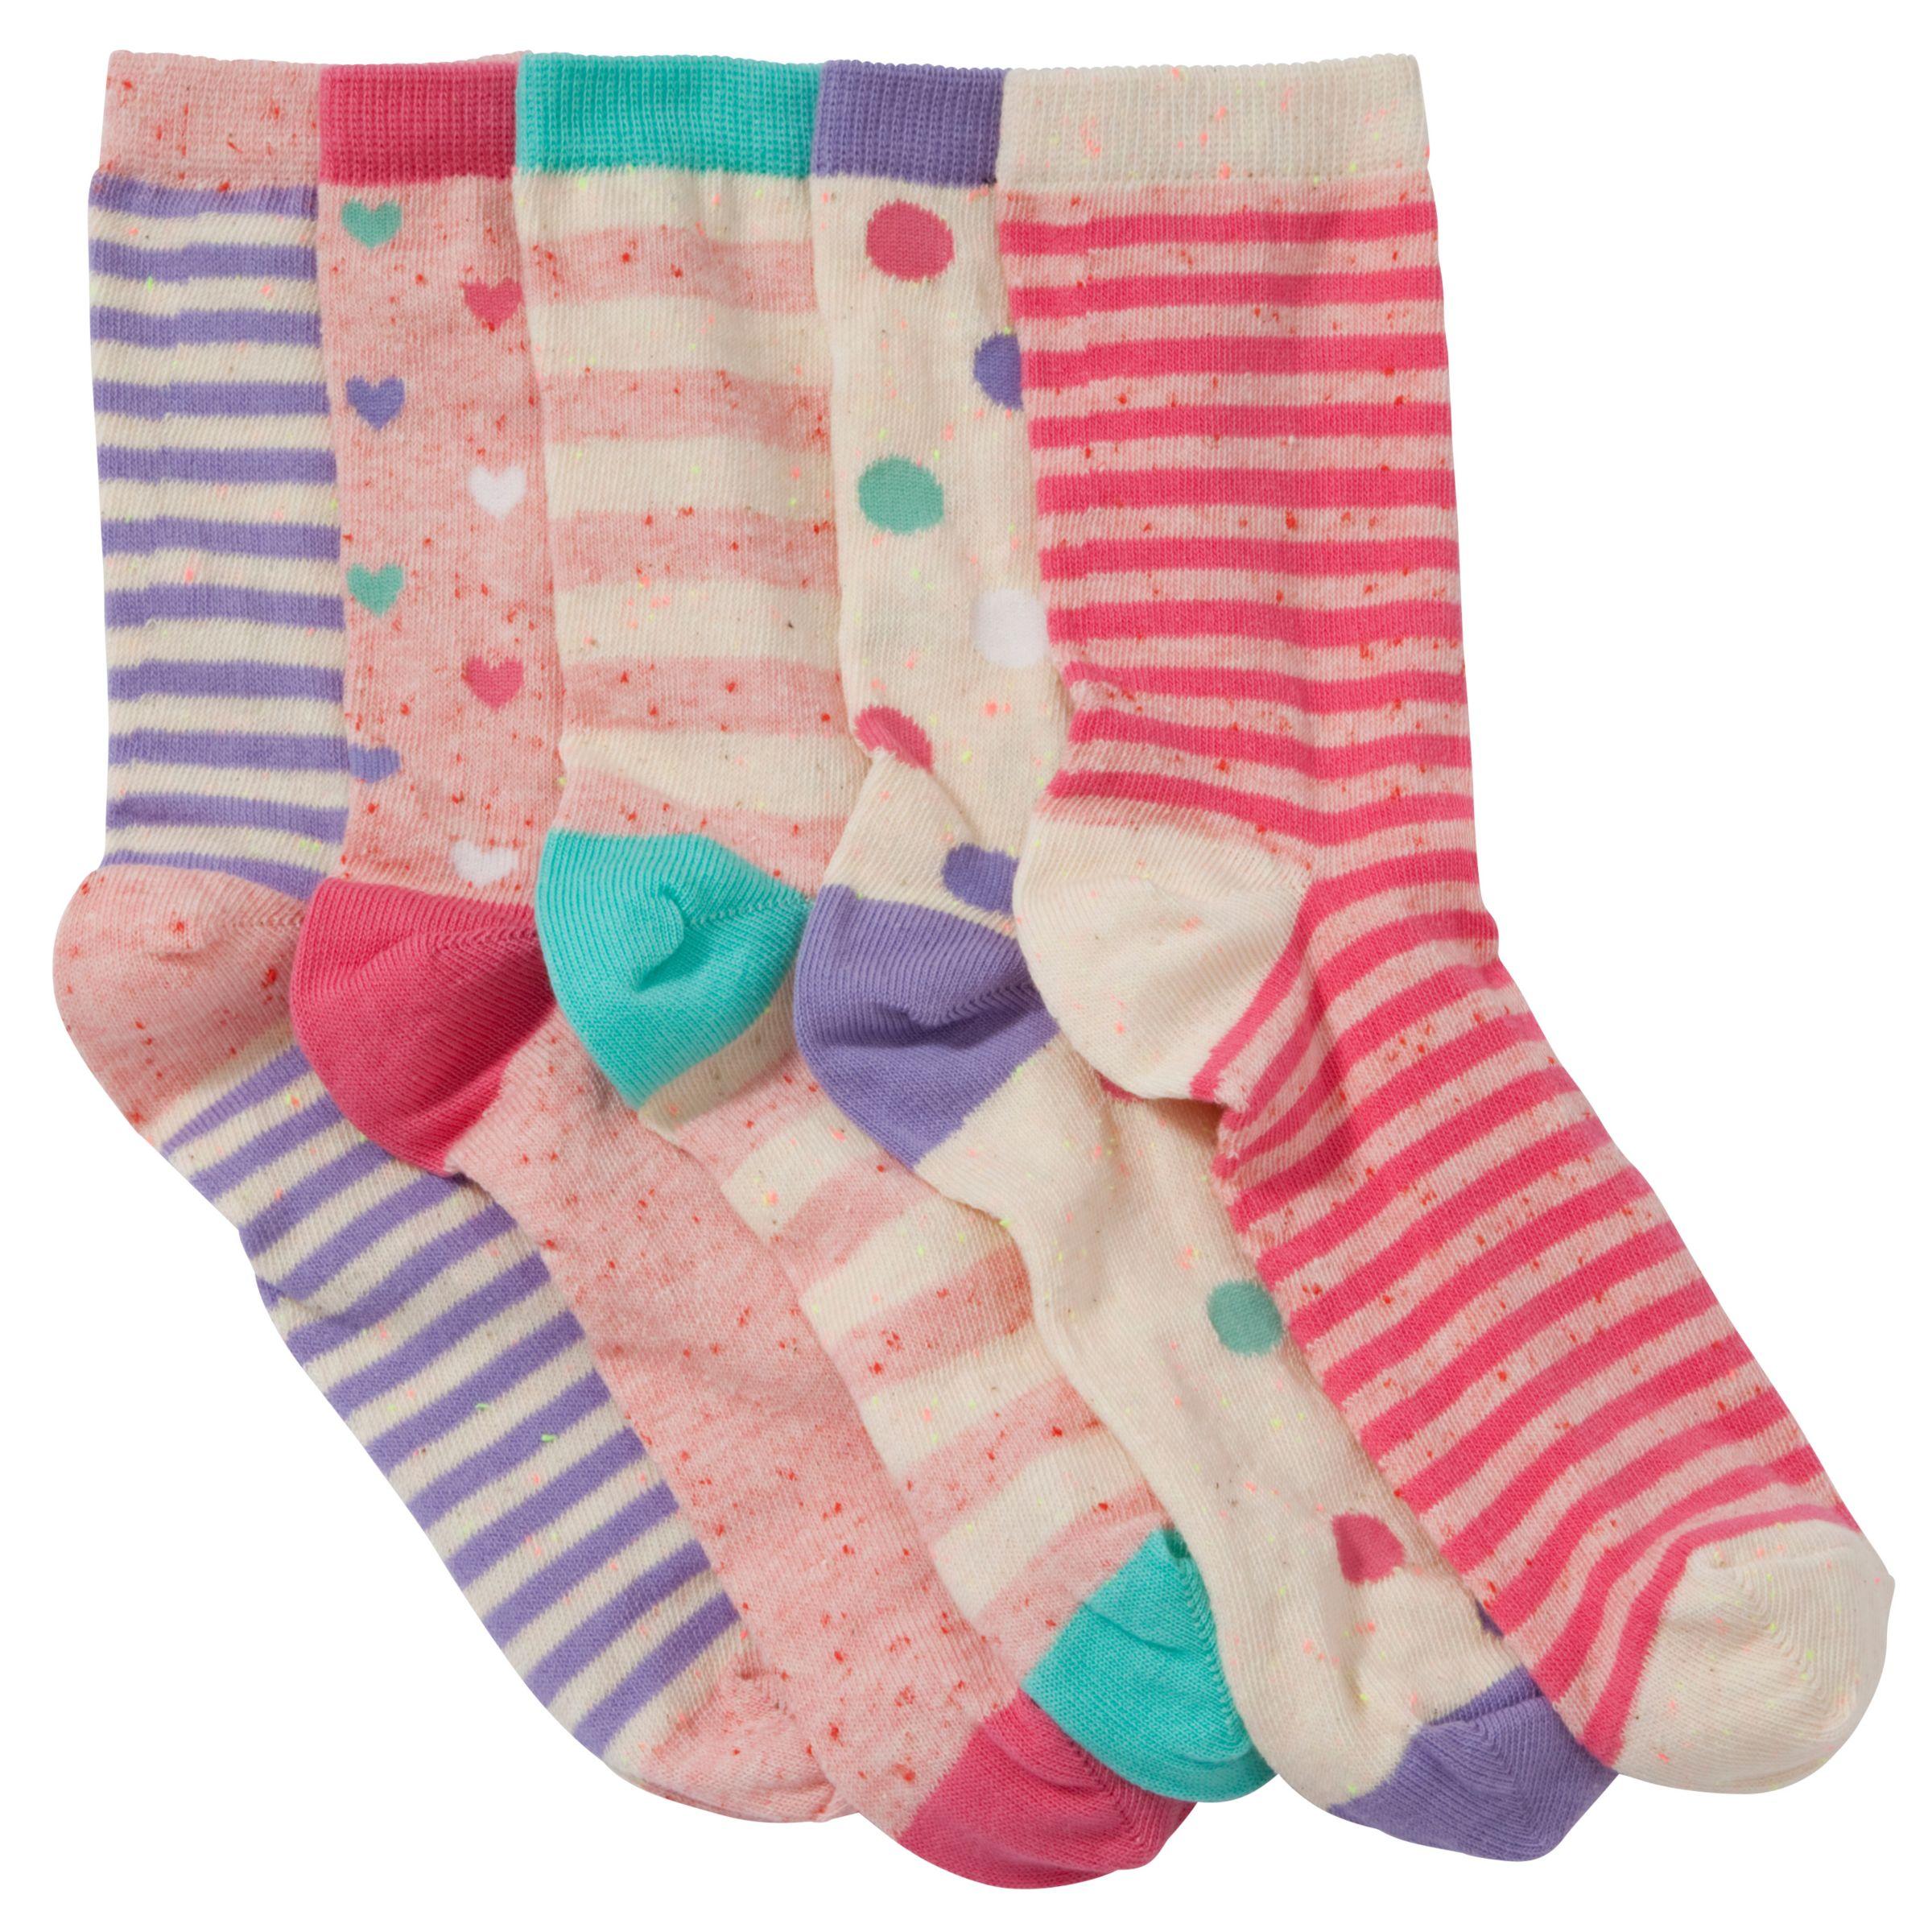 John Lewis Girl Nepped Yarn Socks, Pack of 5, Multi